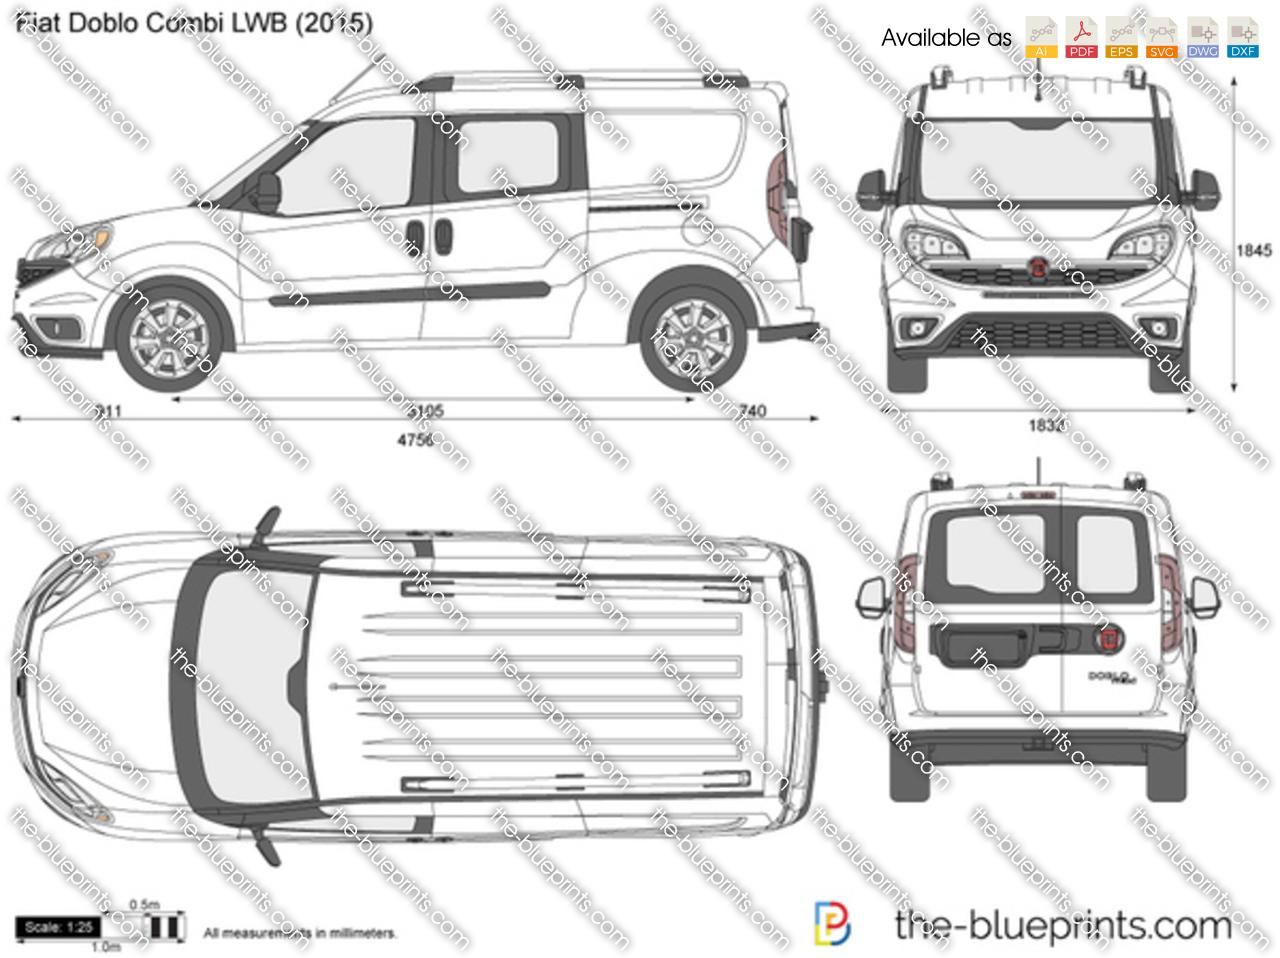 the-blueprints - vector drawing - fiat doblo lwb combi maxi